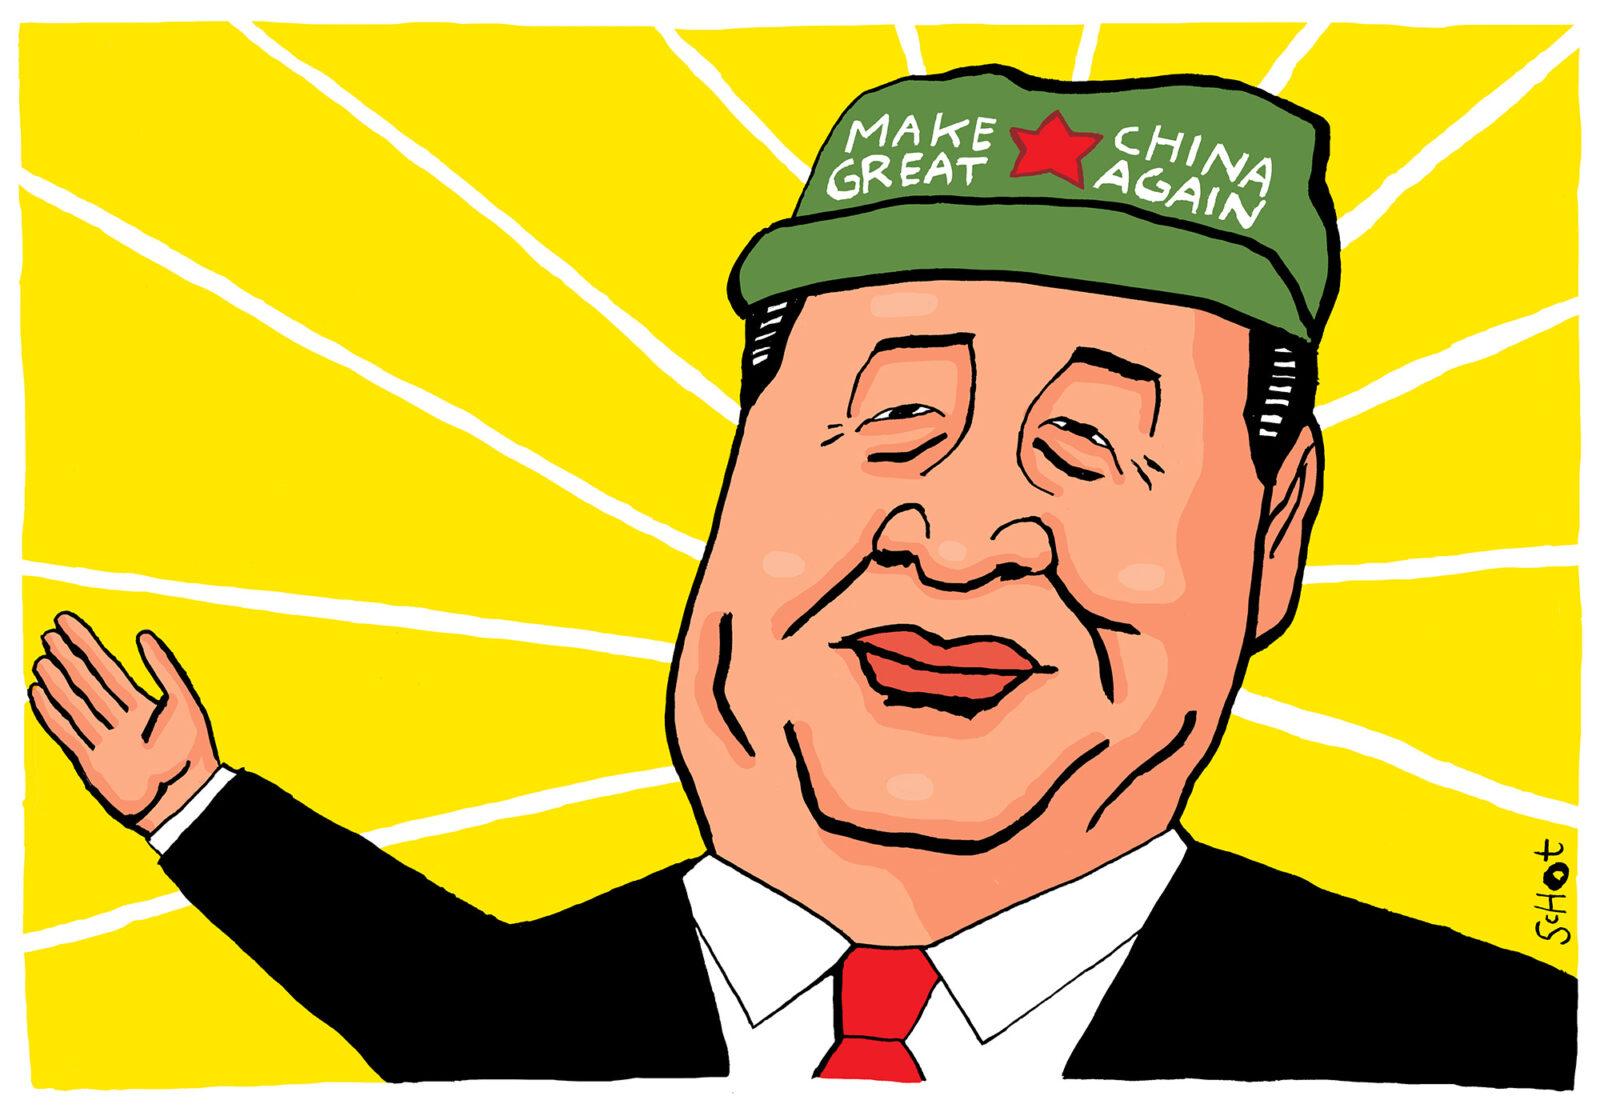 kwestie china supermacht hegemonie amerika trump 2000 – Bas van der Schot